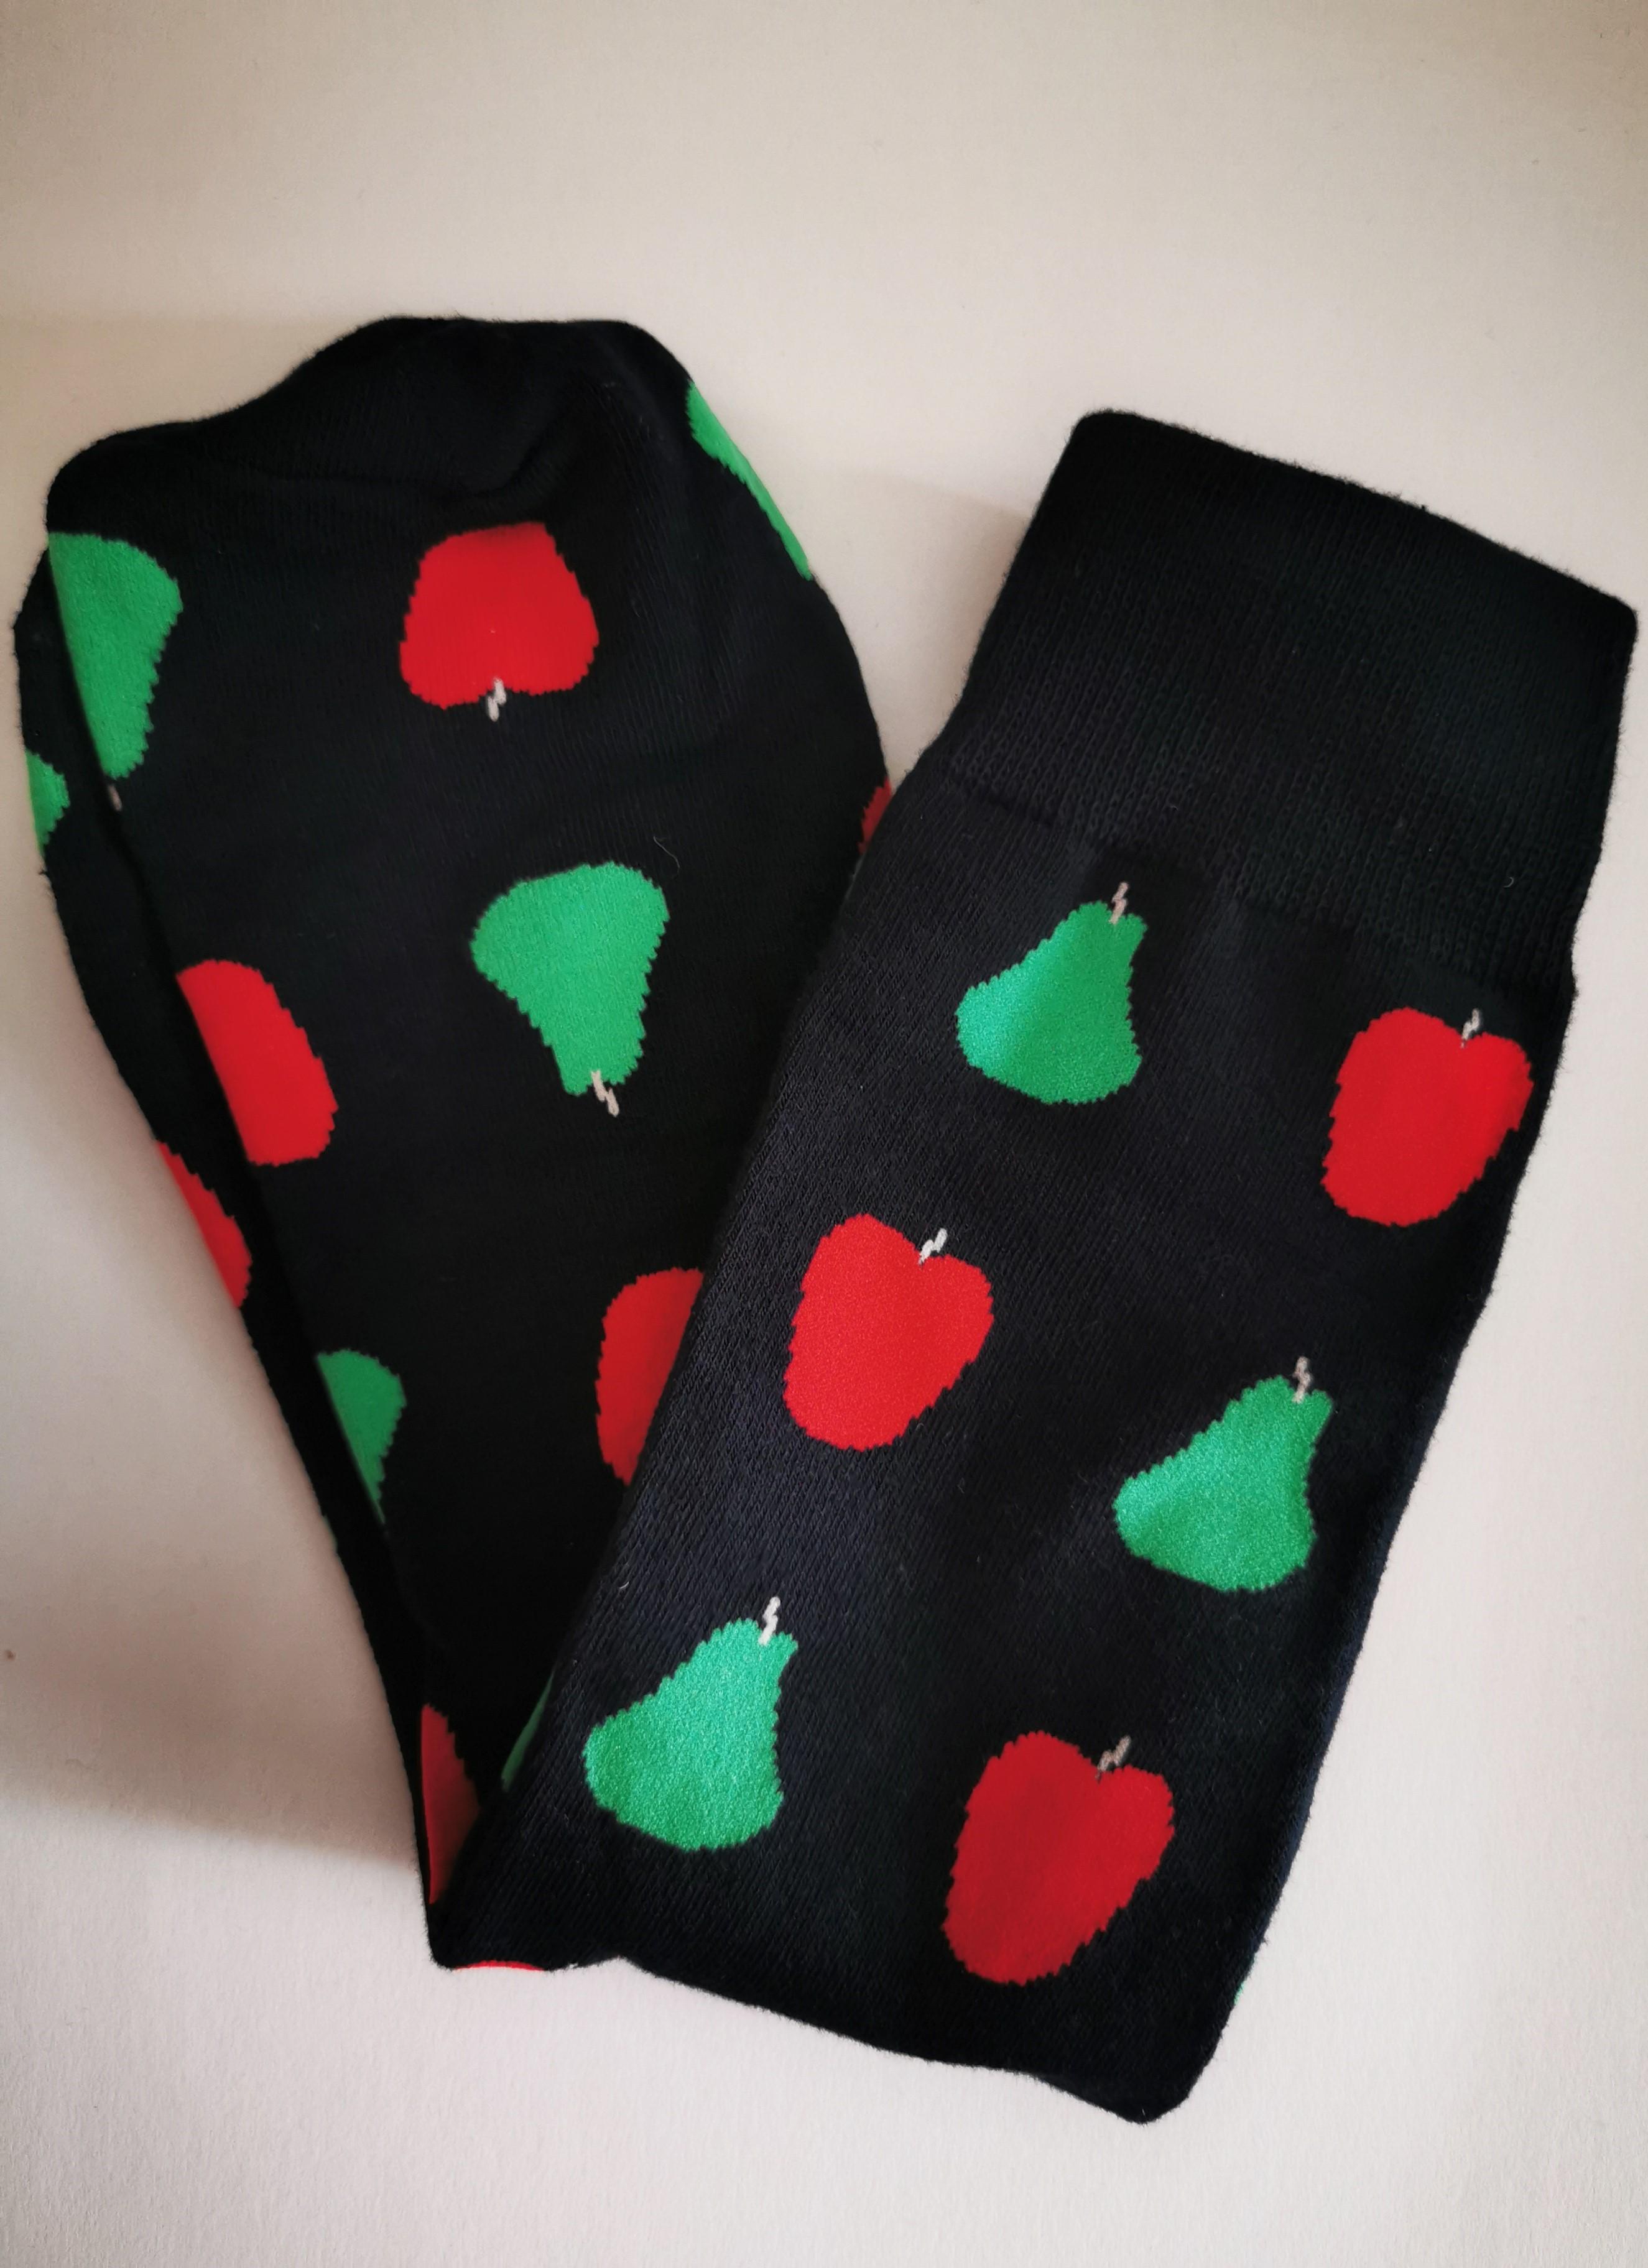 Ovocné ponožky - Černé s jablky a hruškami